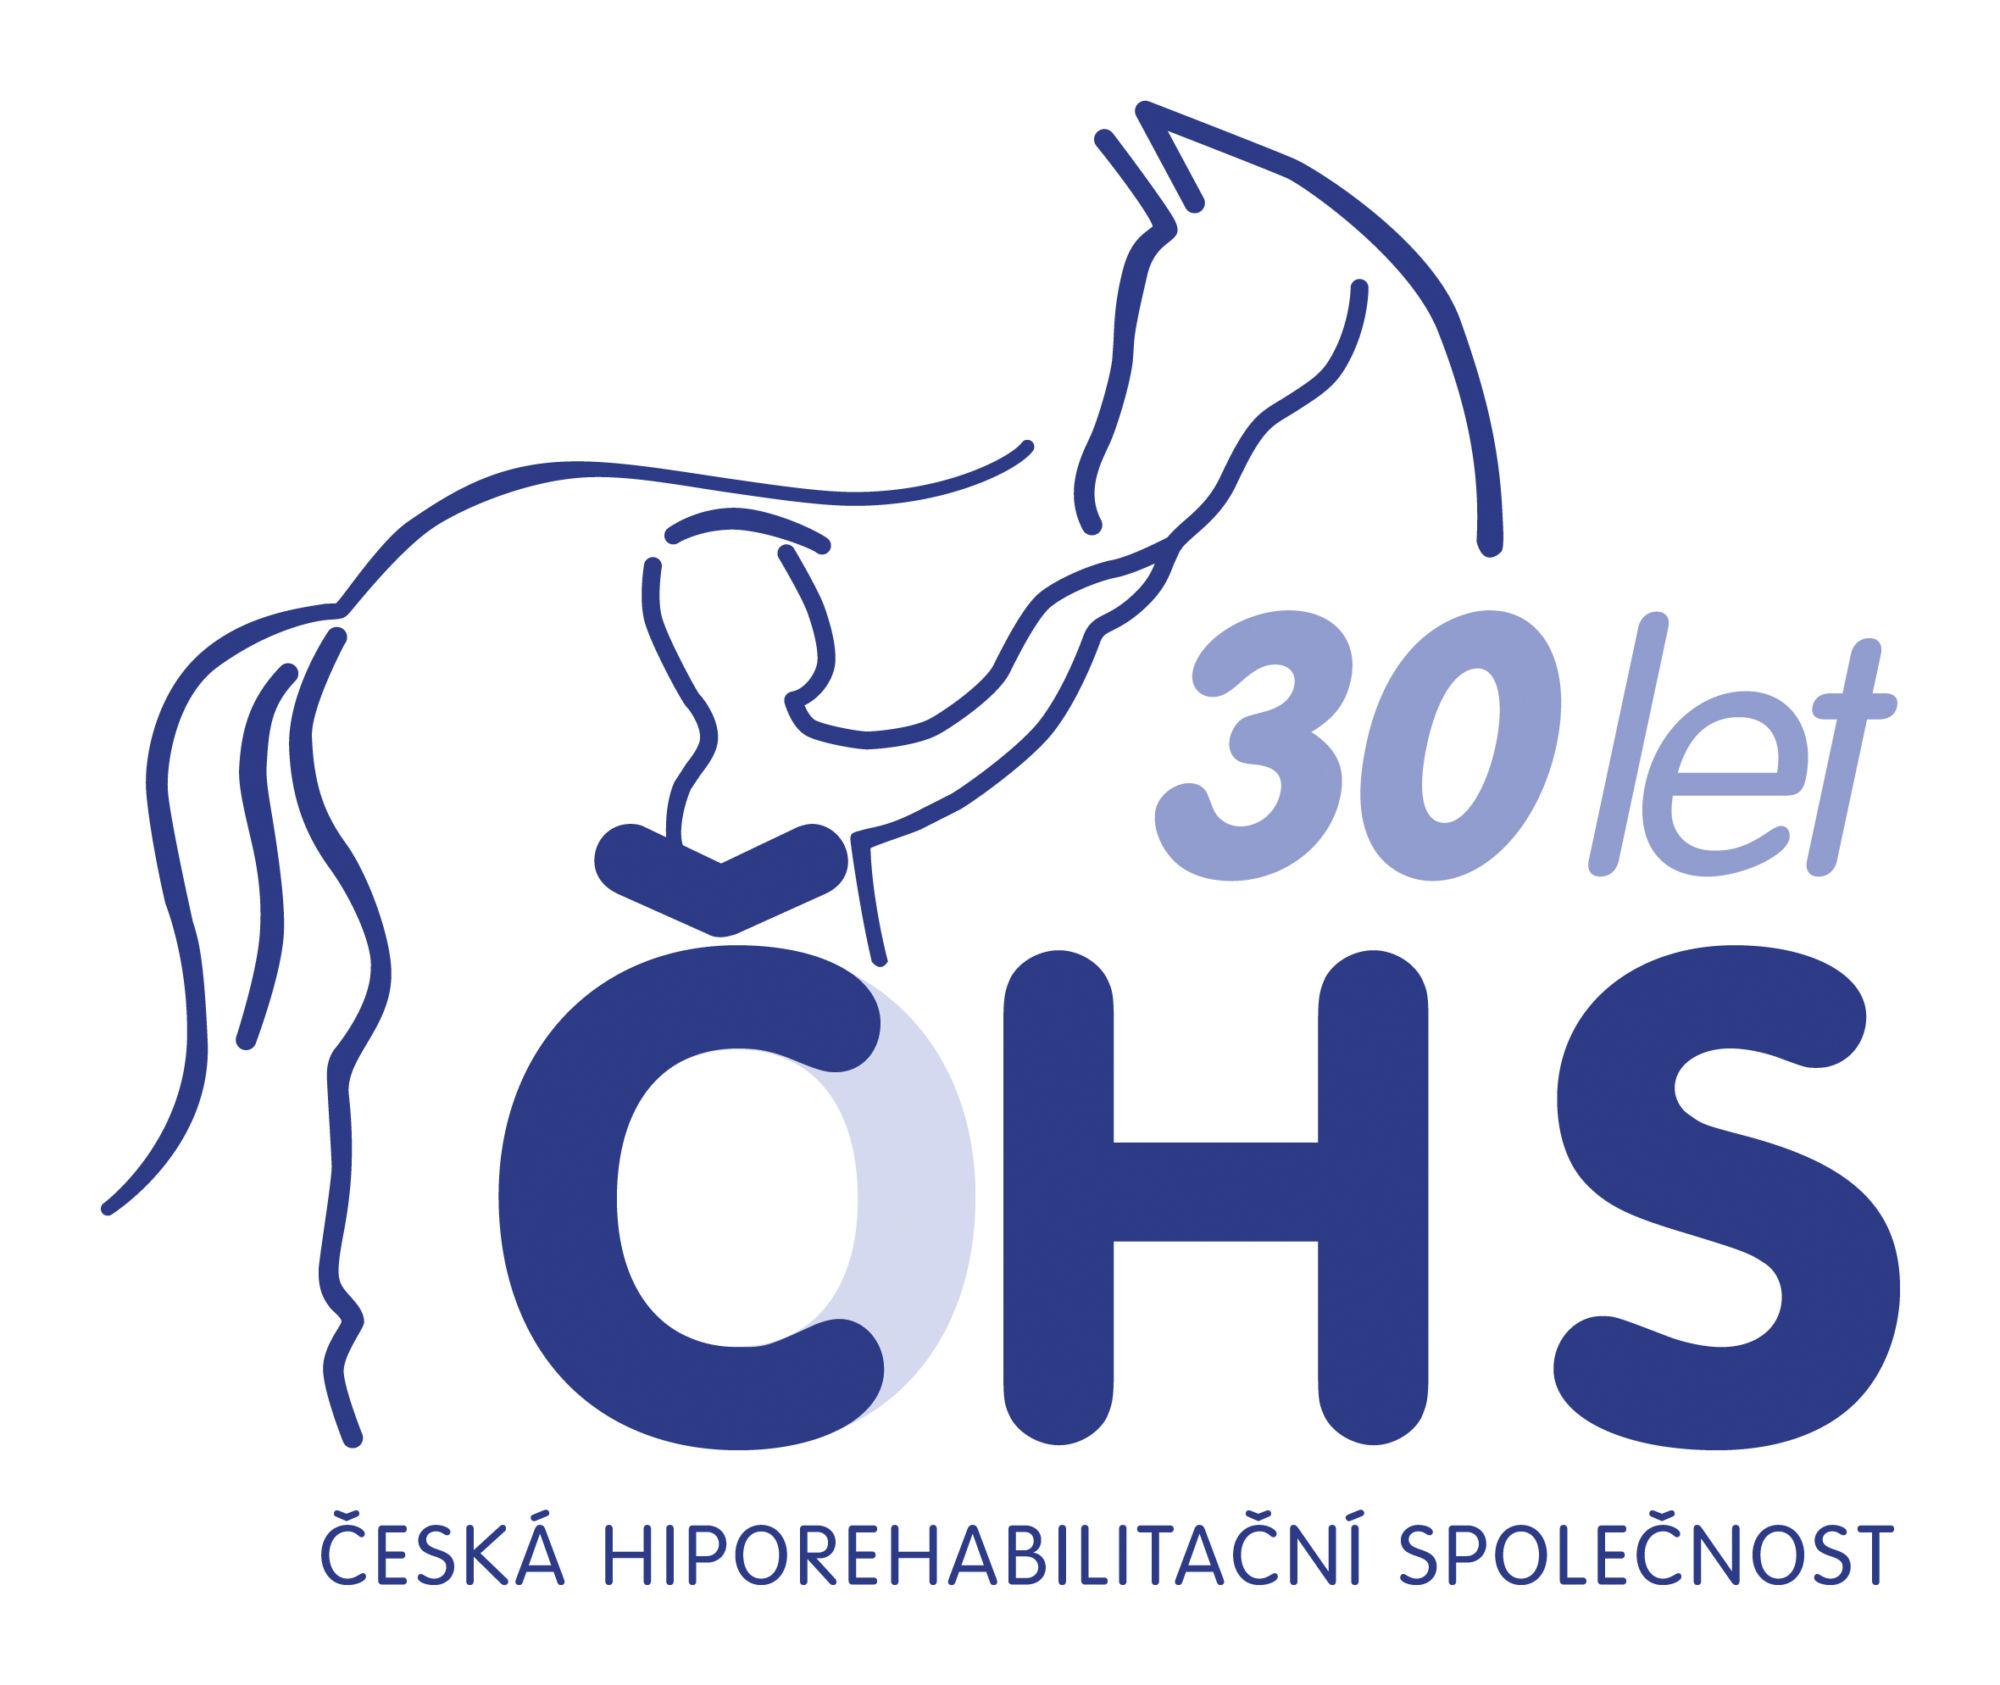 Česká hiporehabilitační společnost